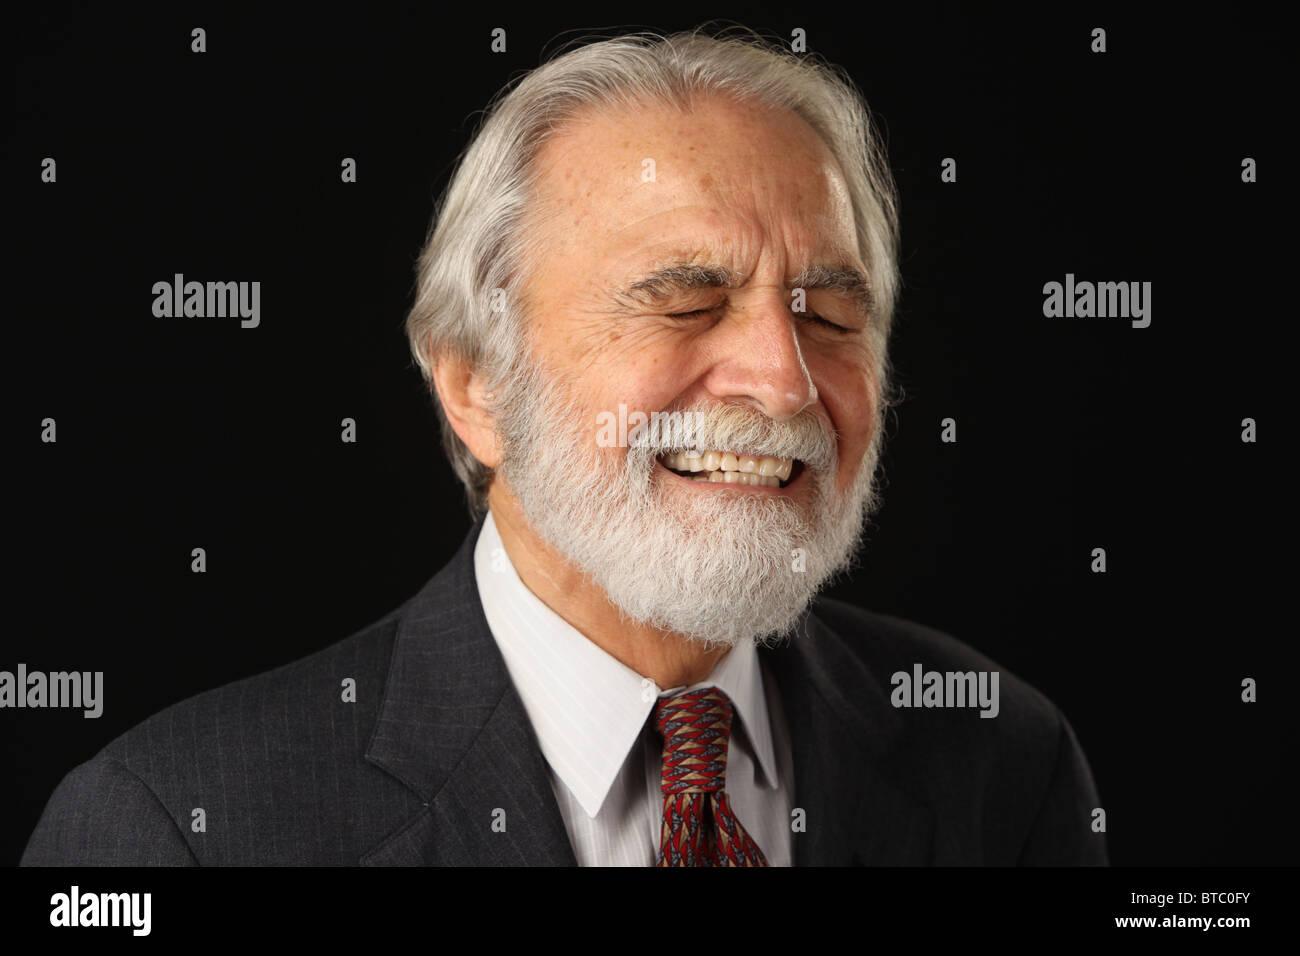 Portrait of laughing, barbu aux cheveux gris senior businessman en costume et cravate, studio shot, fond noir, le Photo Stock